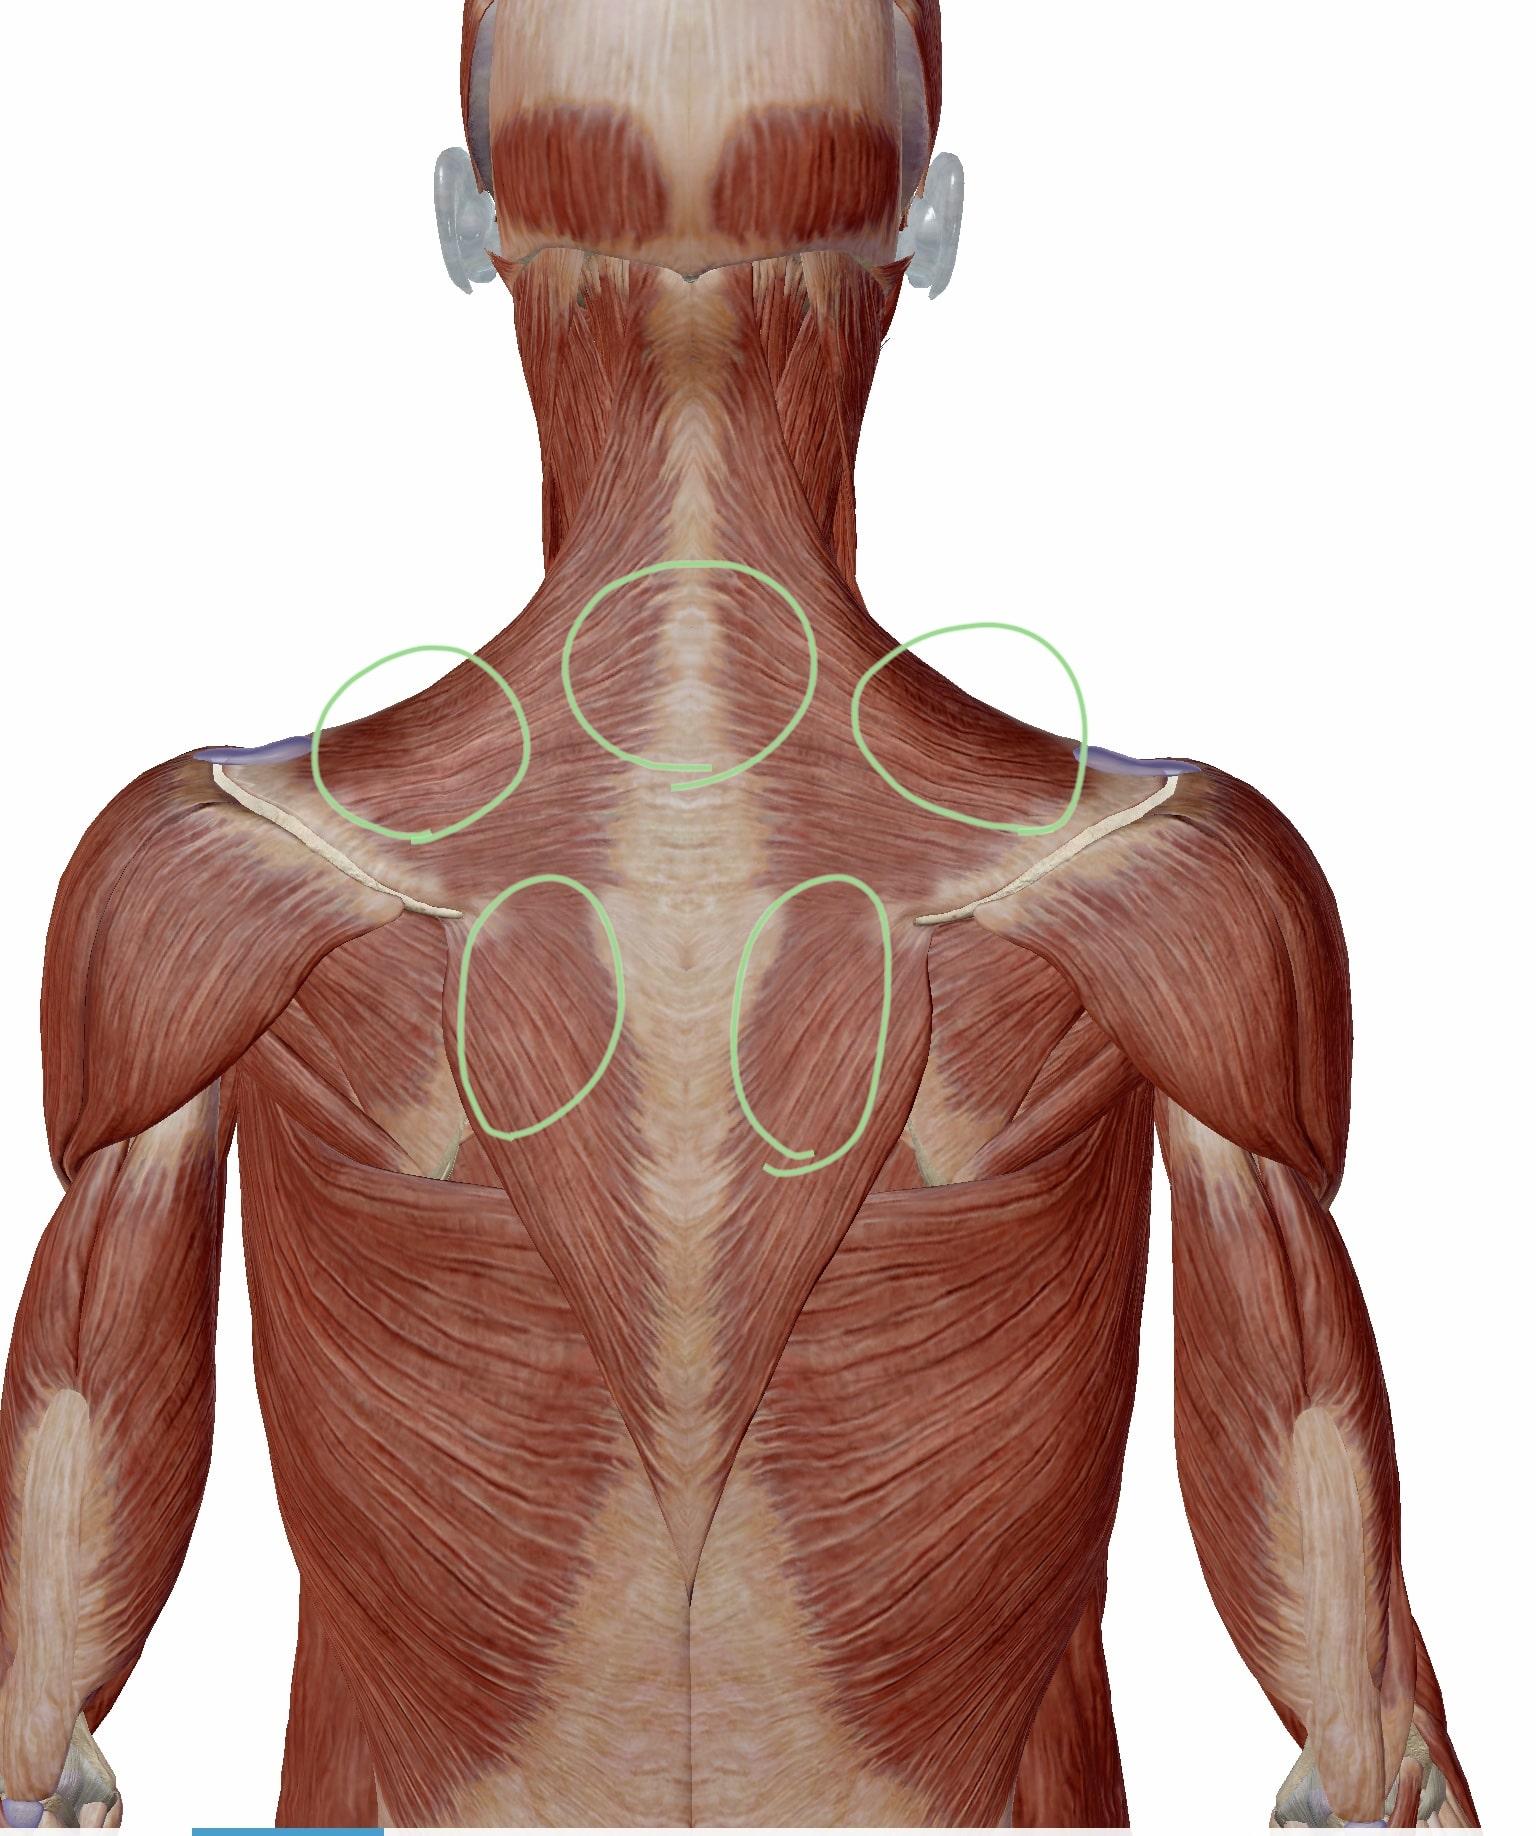 四十肩・五十肩ではなく、肩こりで症状が出る部分の図